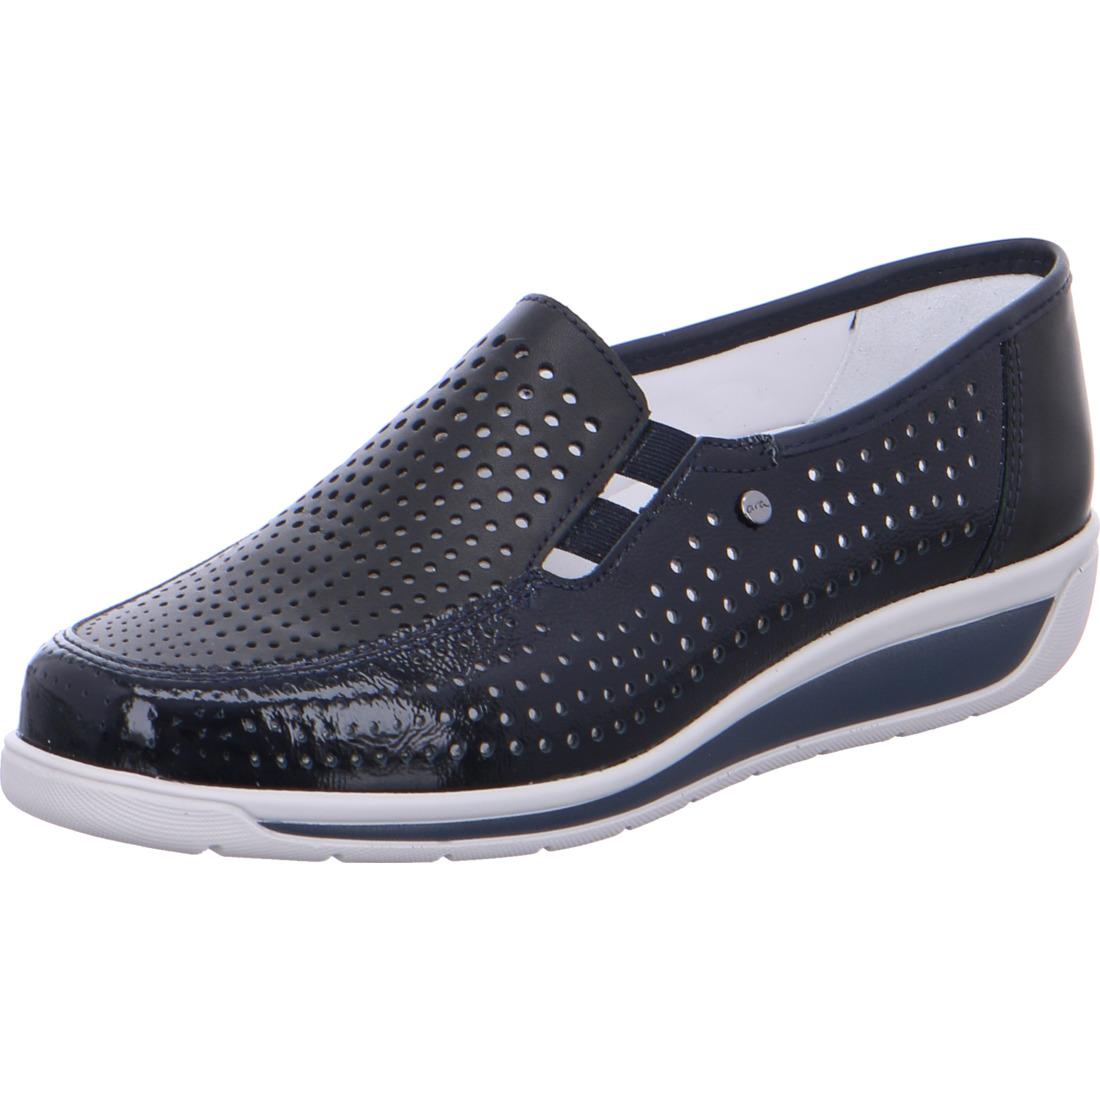 new product 5148d fc9dd ara Damen Slipper